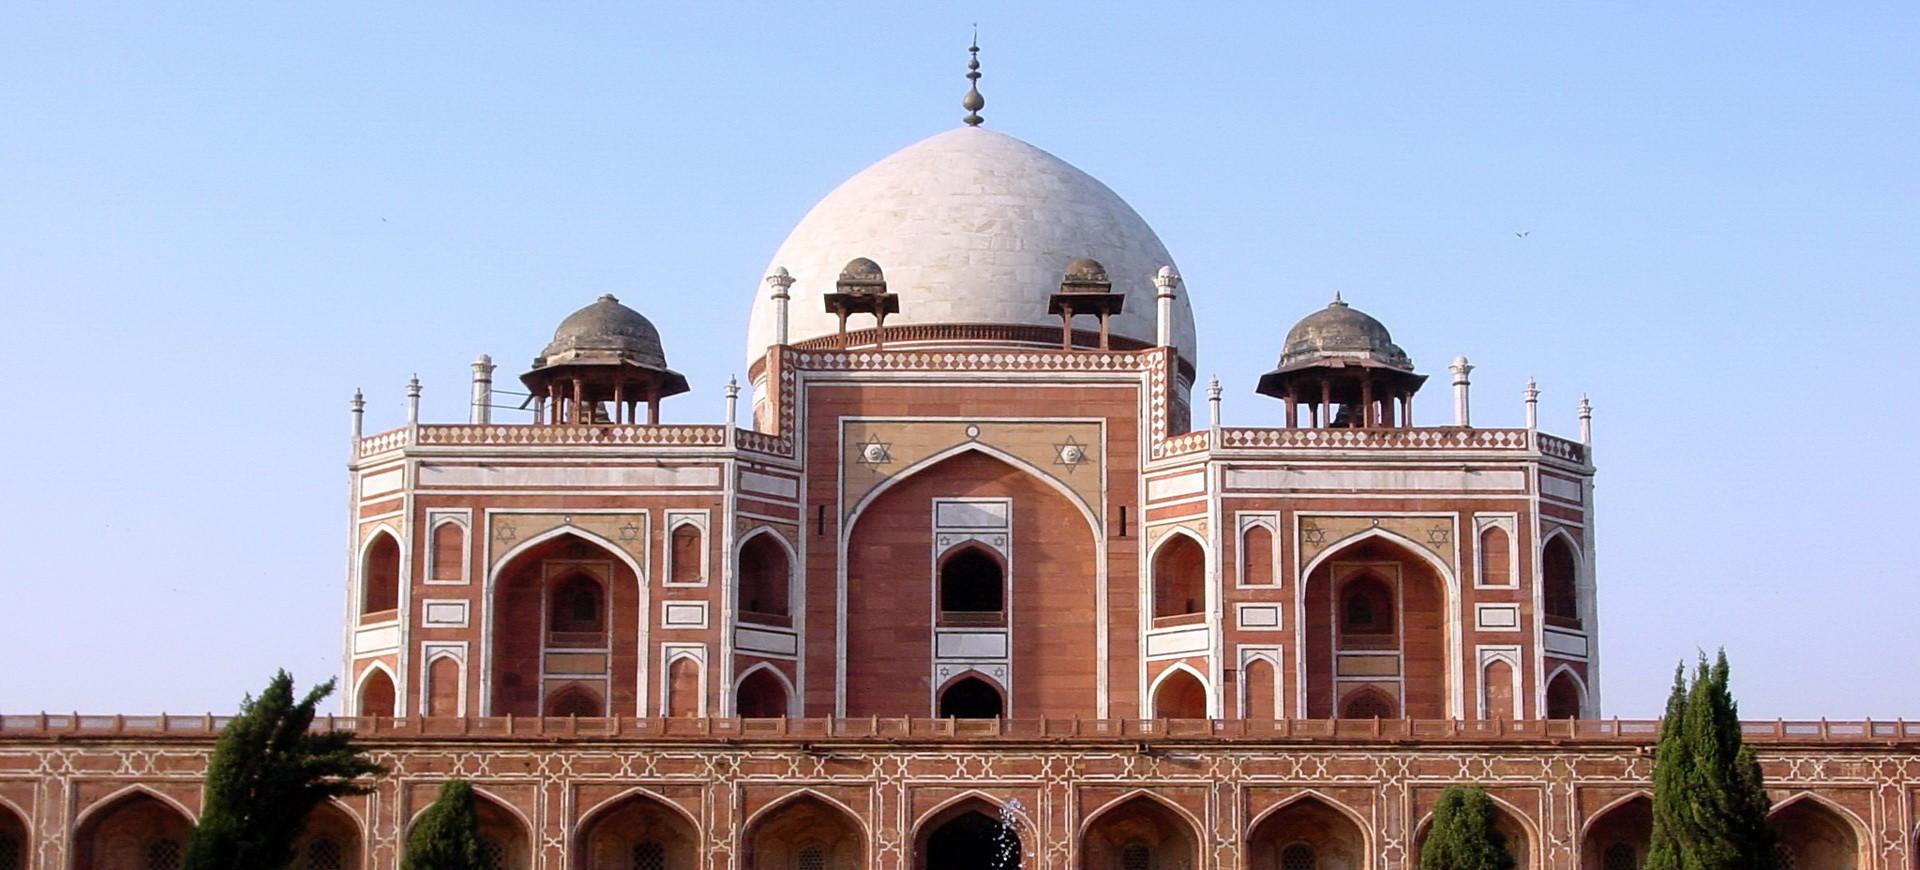 Tombe de Empereur Moghol Humayoun à Delhi